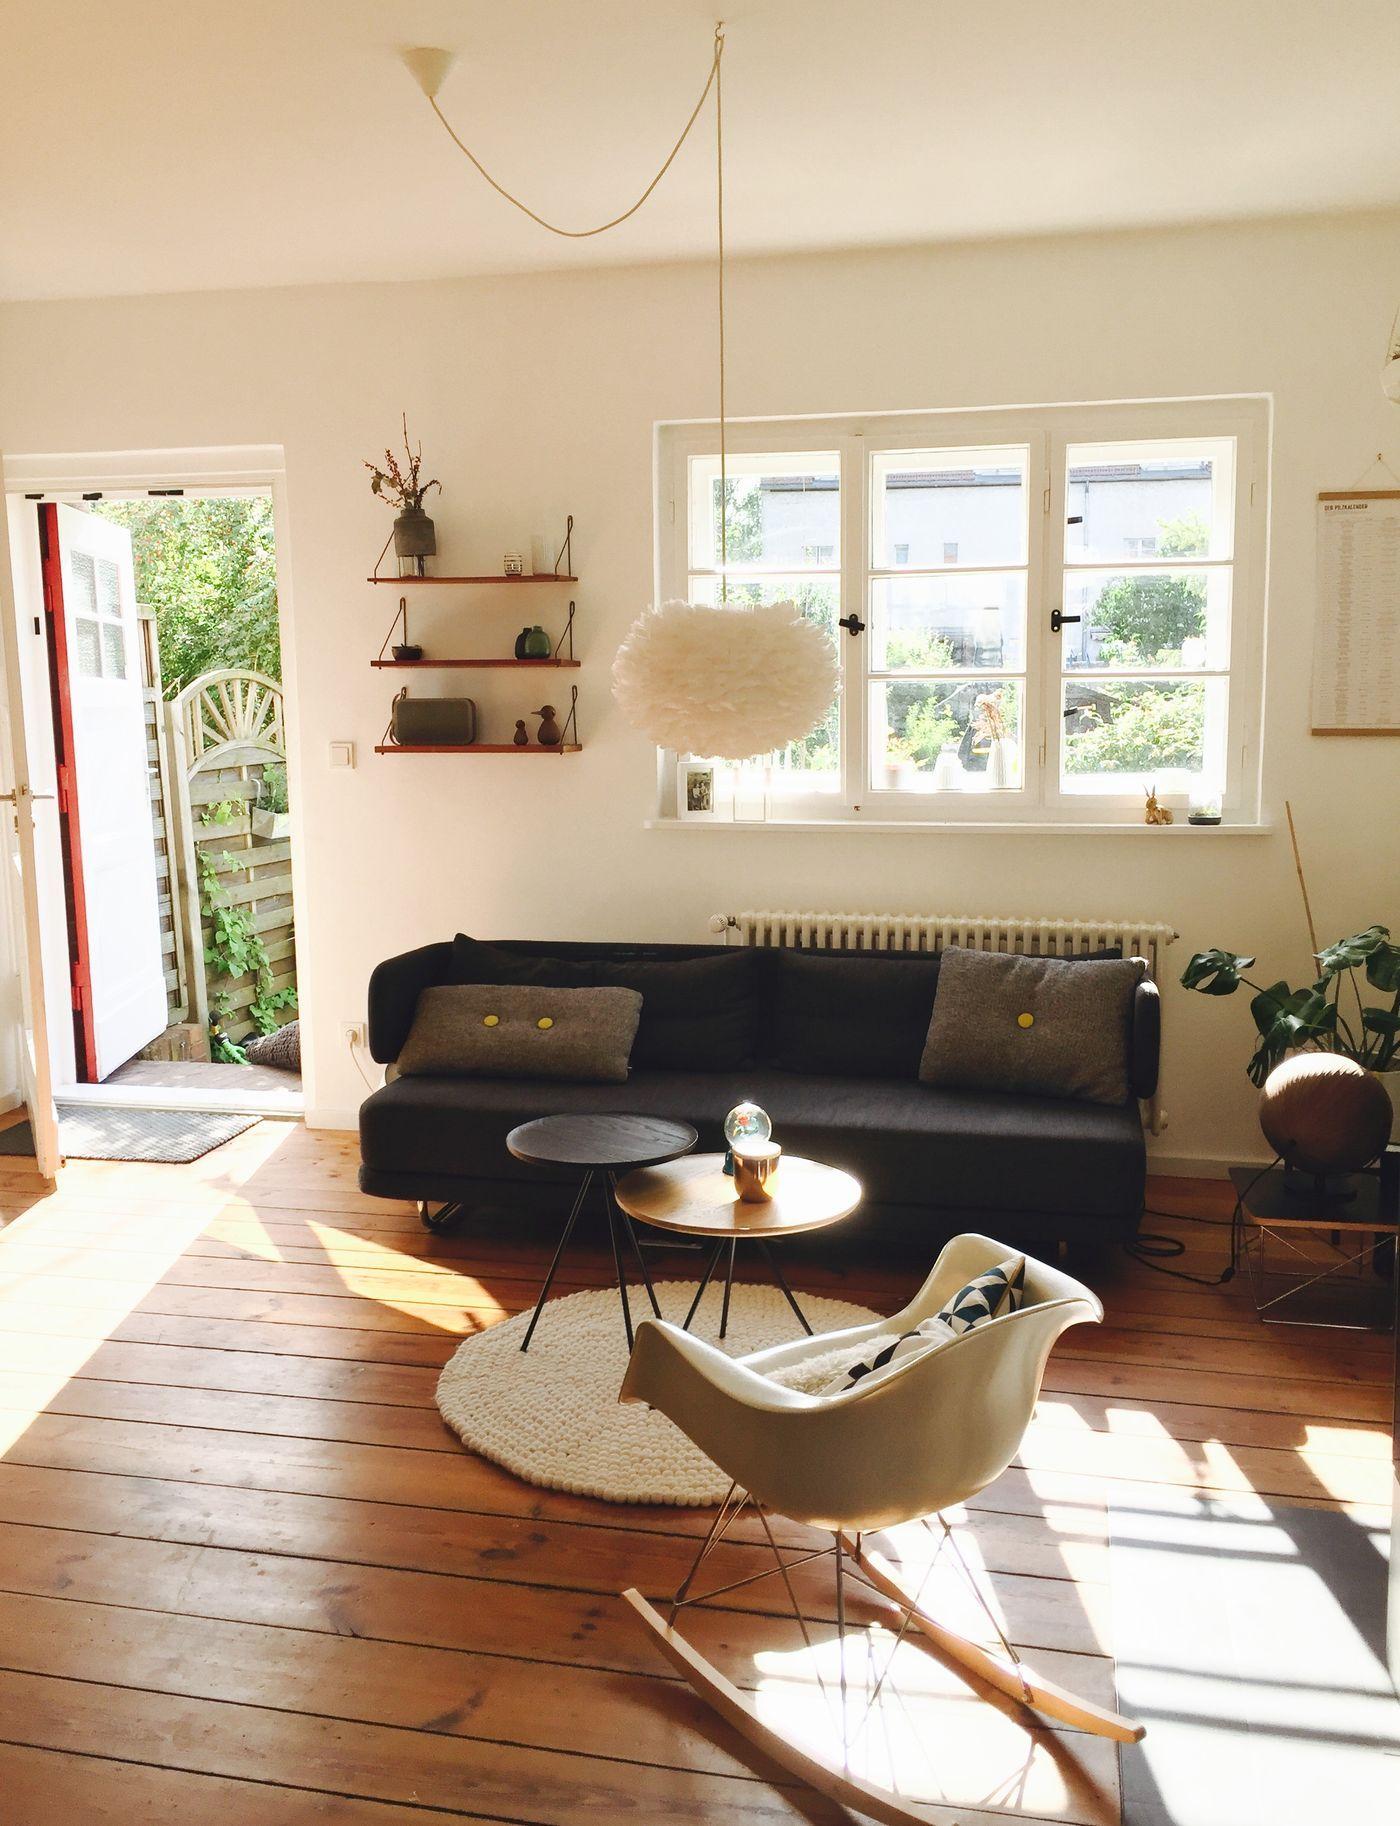 Bauhausstil Inneneinrichtung wohnen und einrichten im bauhaus stil